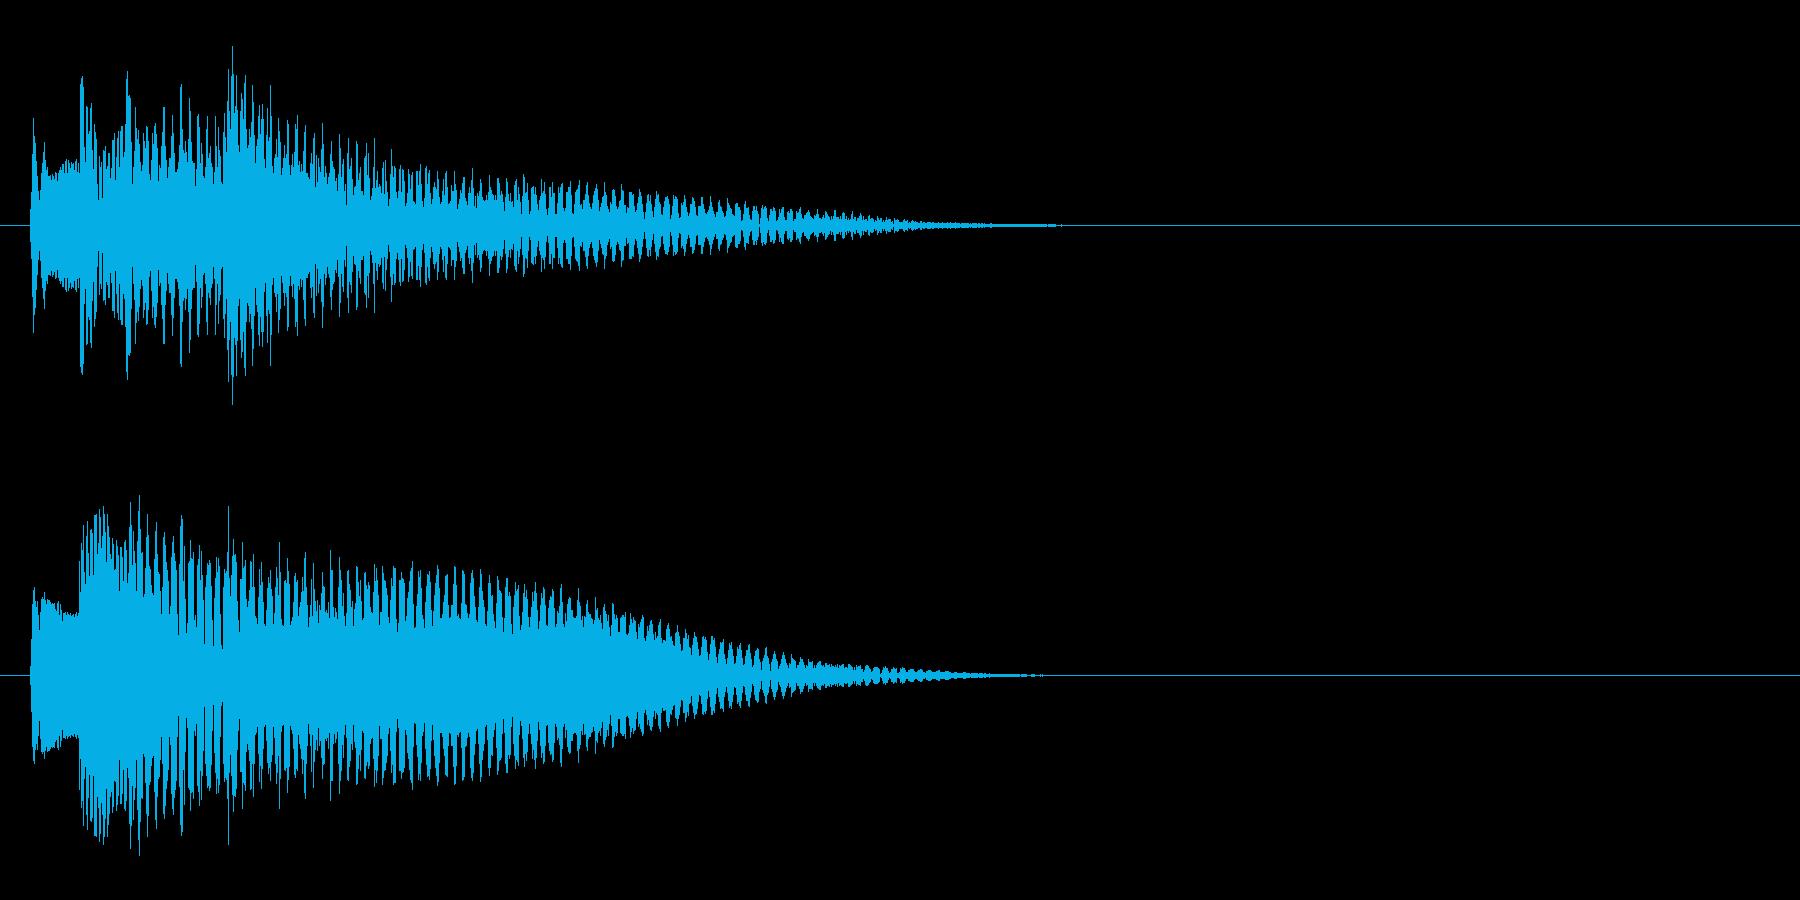 王道RPG3 スタート音 豪華決定音の再生済みの波形